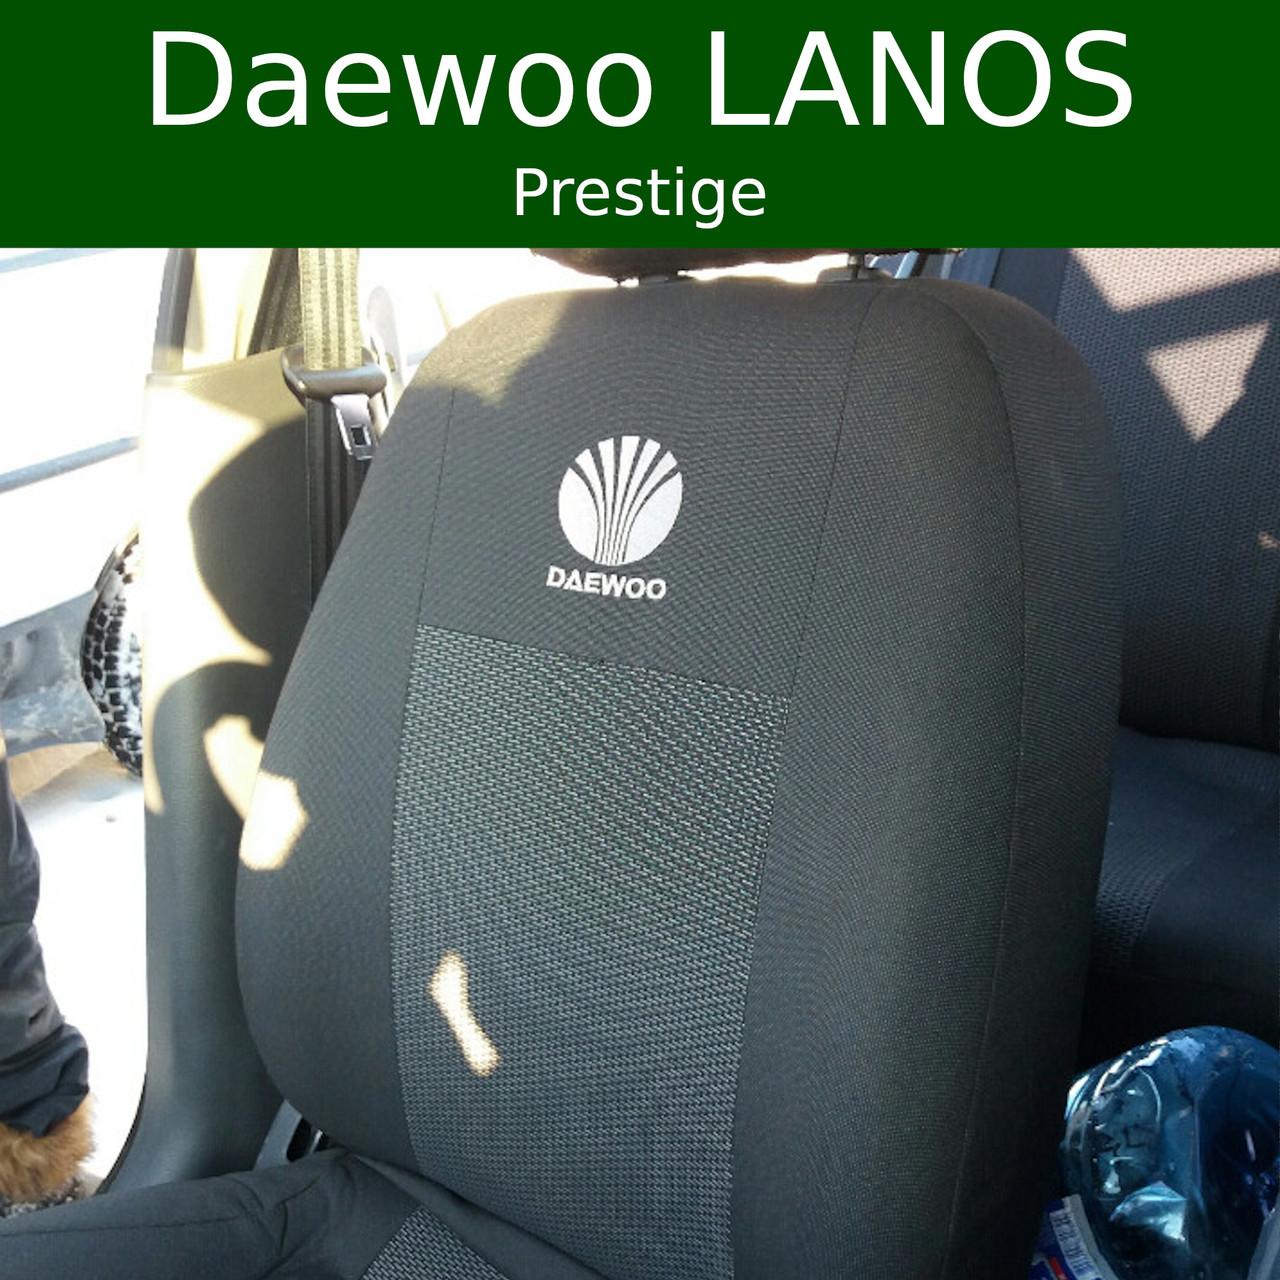 Чехлы на сиденья Daewoo Lanos (Prestige)